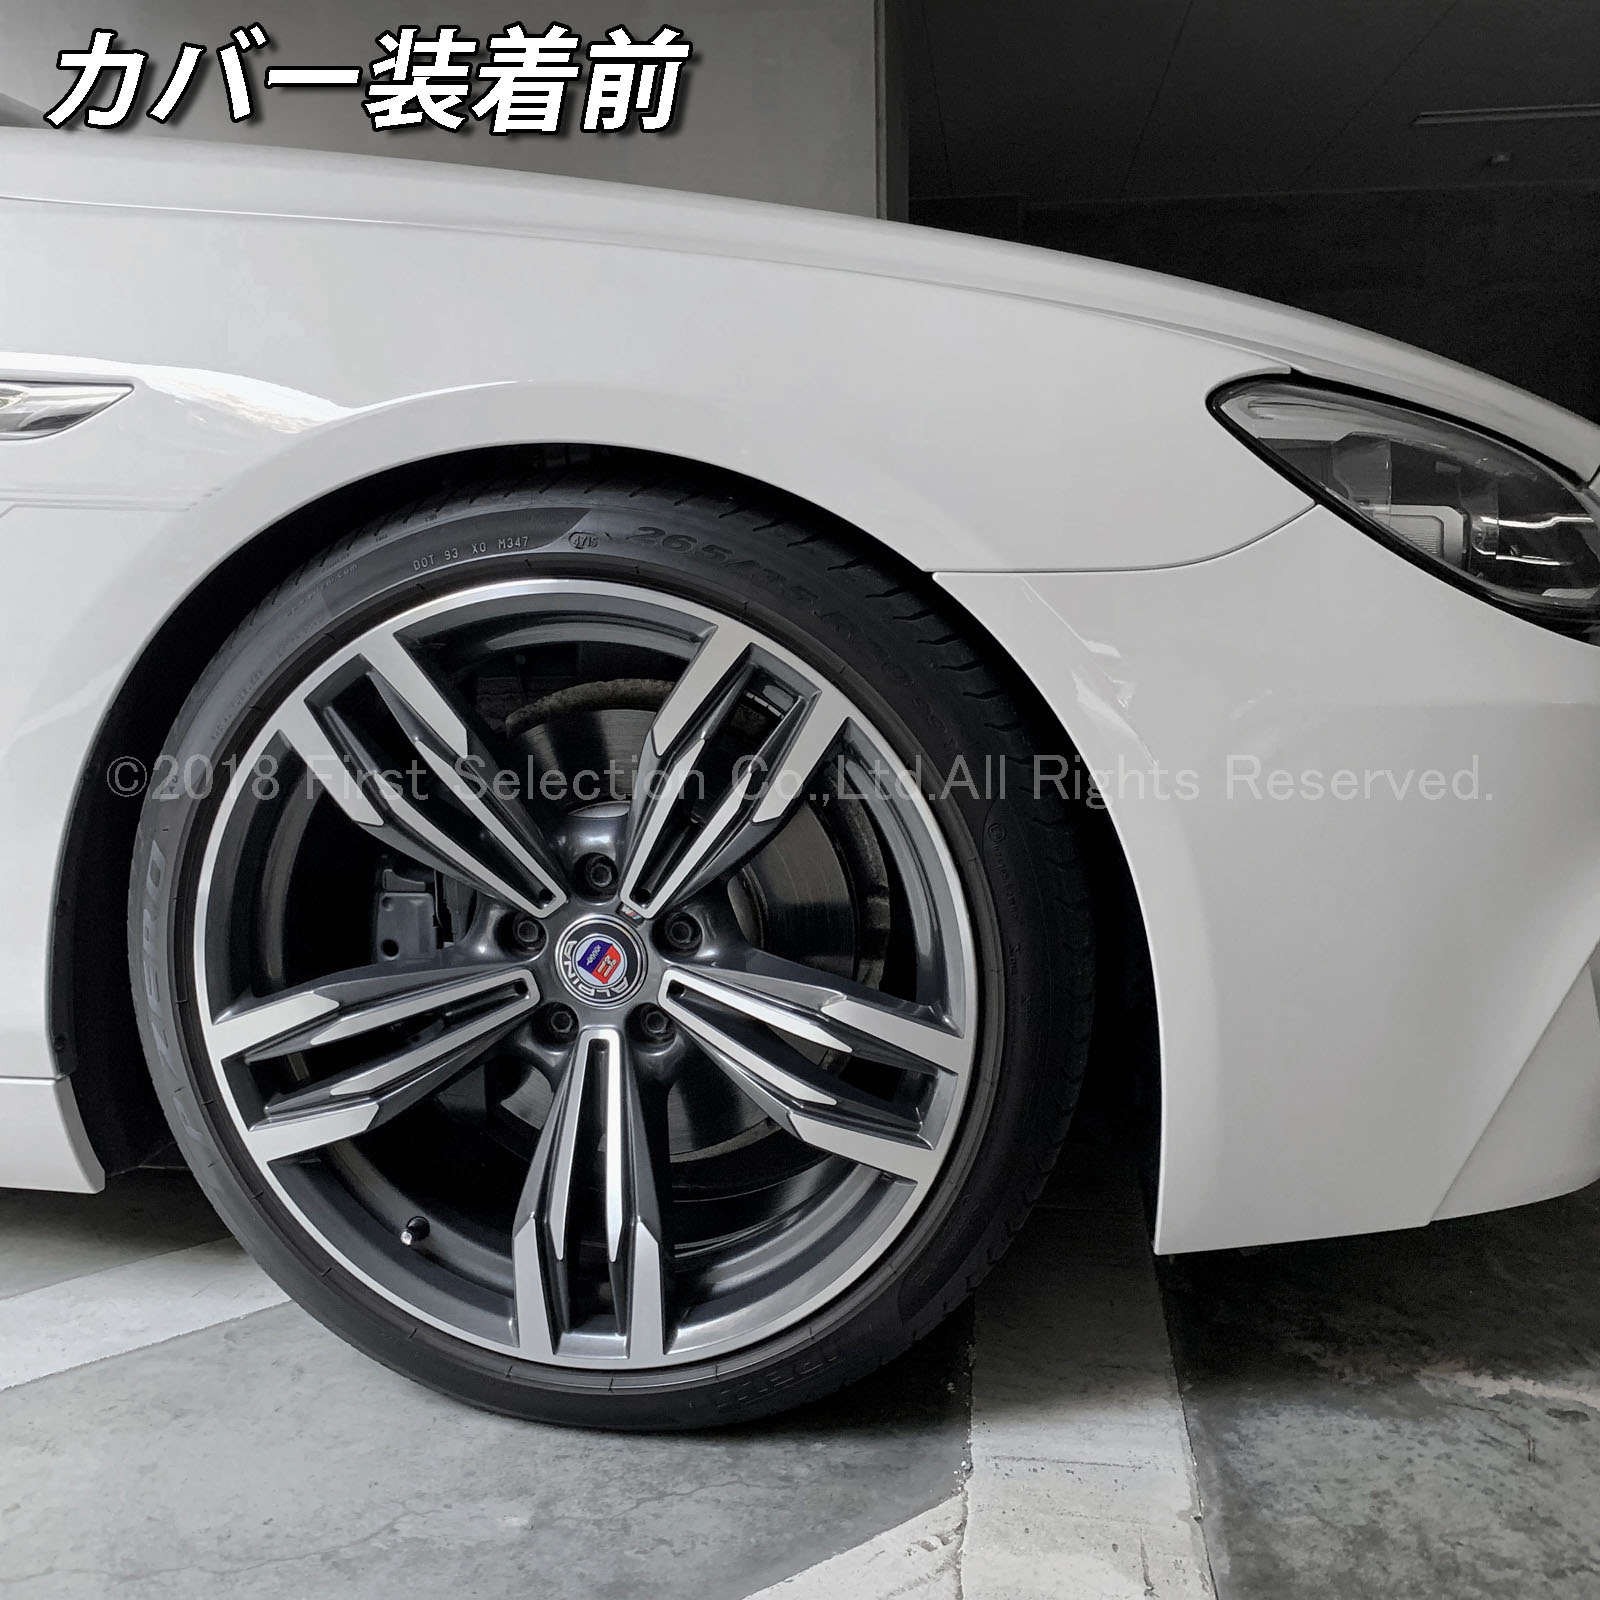 BMW ///Mカラーロゴ 6シリーズ F12/F13/F06 640i用 高耐久金属製キャリパーカバーセット赤 6シリーズ F12カブリオレ F13クーペ F06グランクーペ 640i Mロゴ